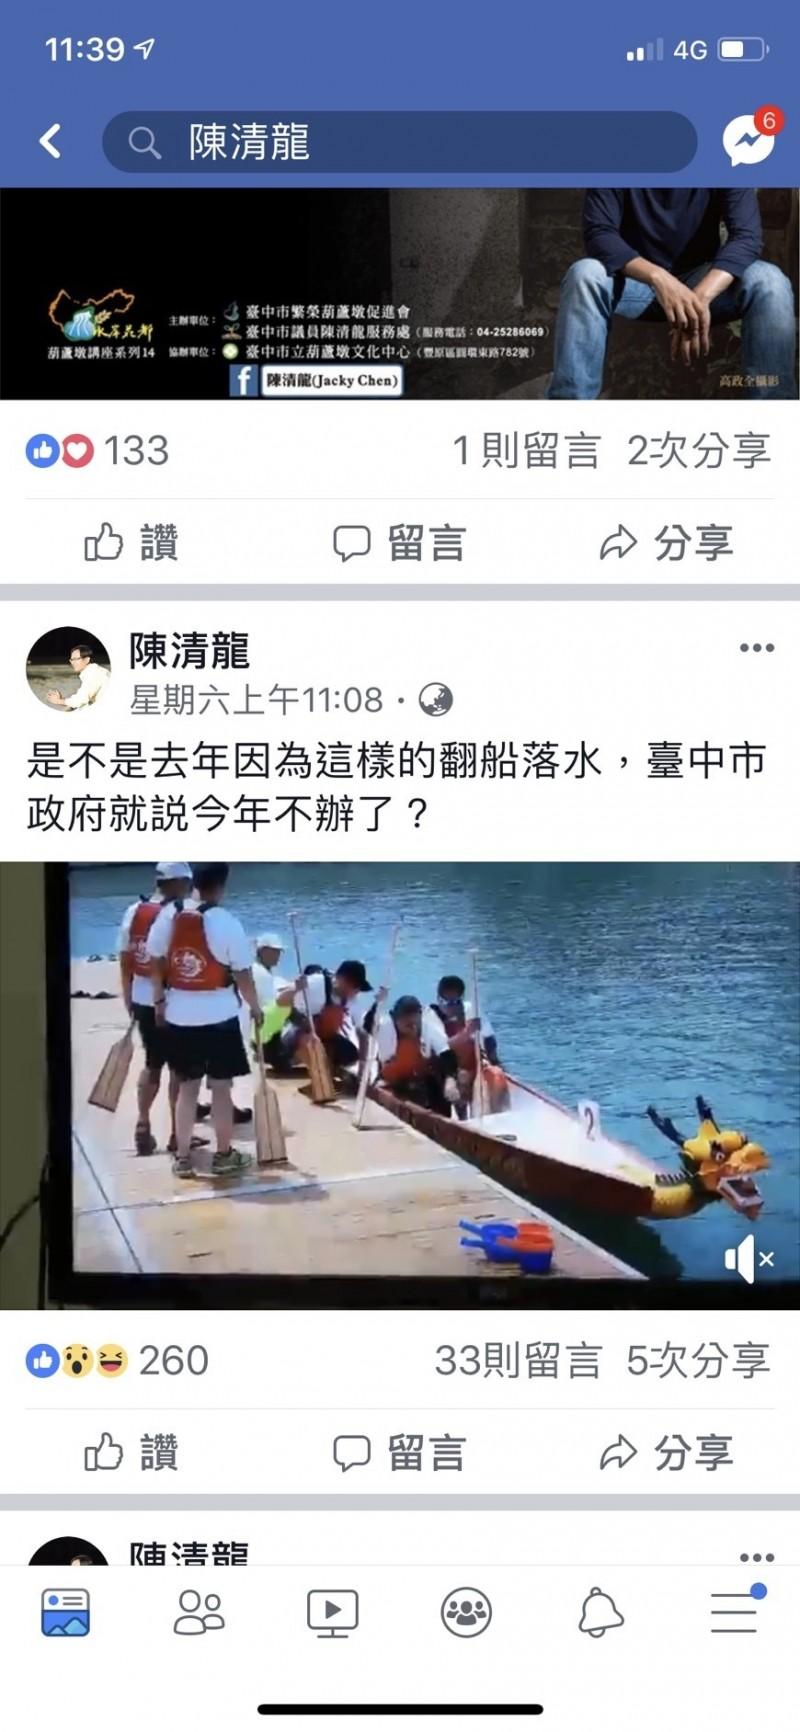 陳清龍臉書指出,因去年翻船,導致市府停辦龍舟賽。(記者張軒哲翻攝)